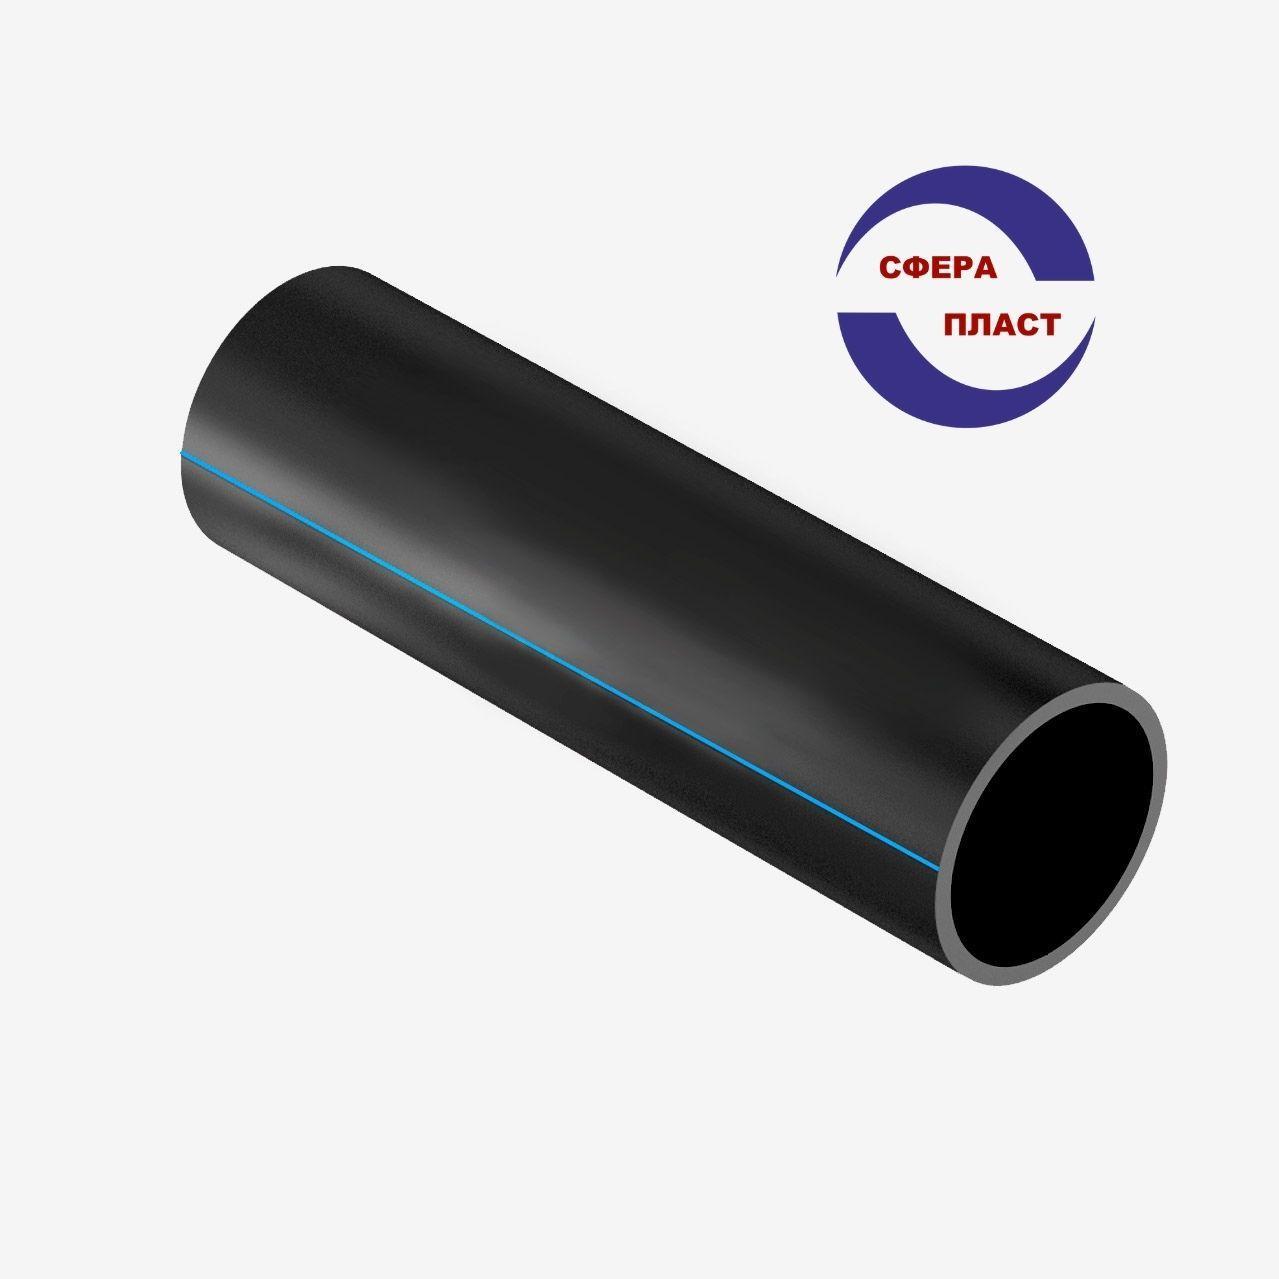 Труба Ду-200x18,2 SDR11 (16 атм) полиэтиленовая ПЭ-100